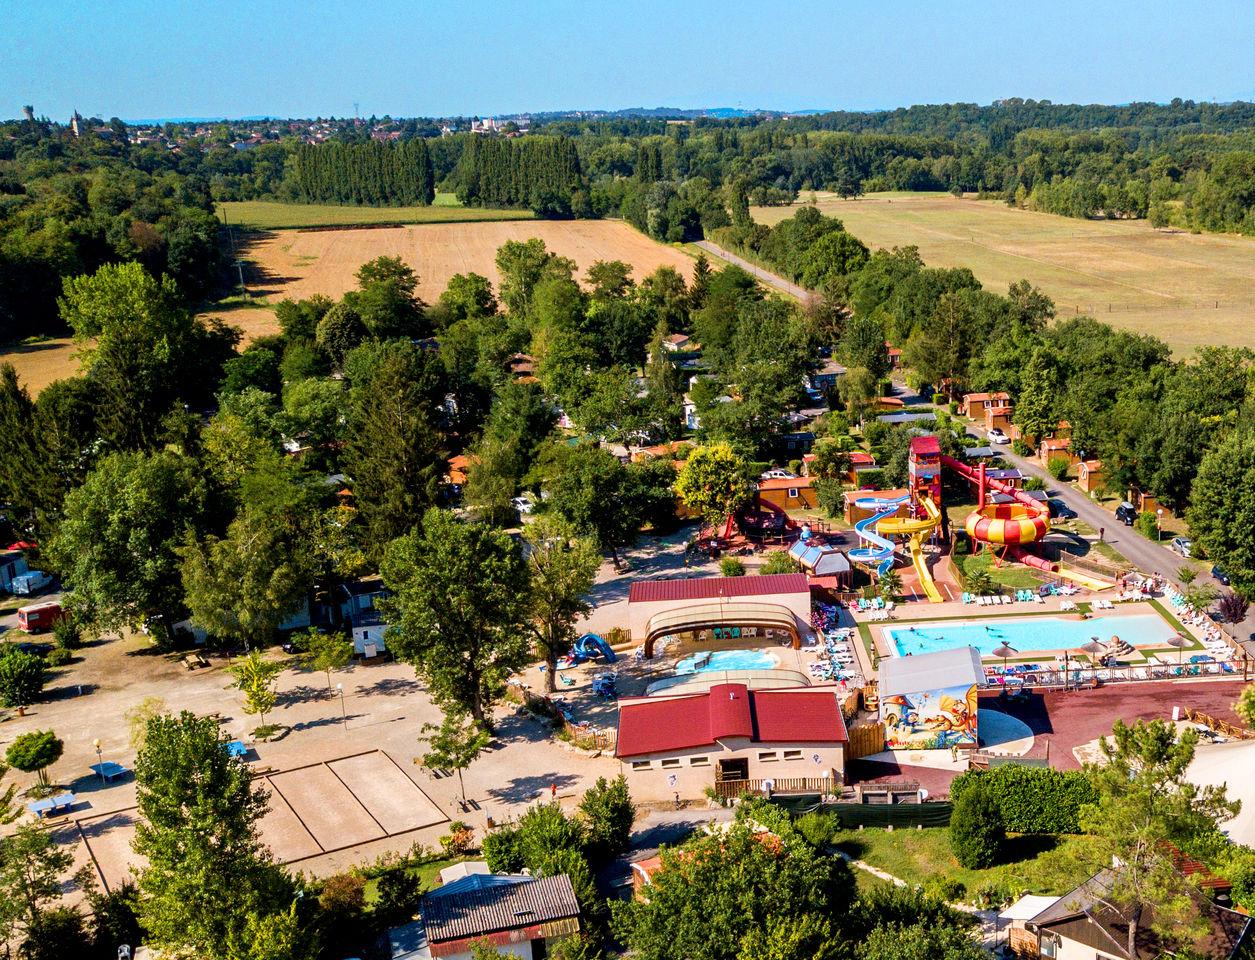 Camping Regnière À Villette D'anthon, Rhône Alpes, Camping Lyon pour Camping Isère Avec Piscine